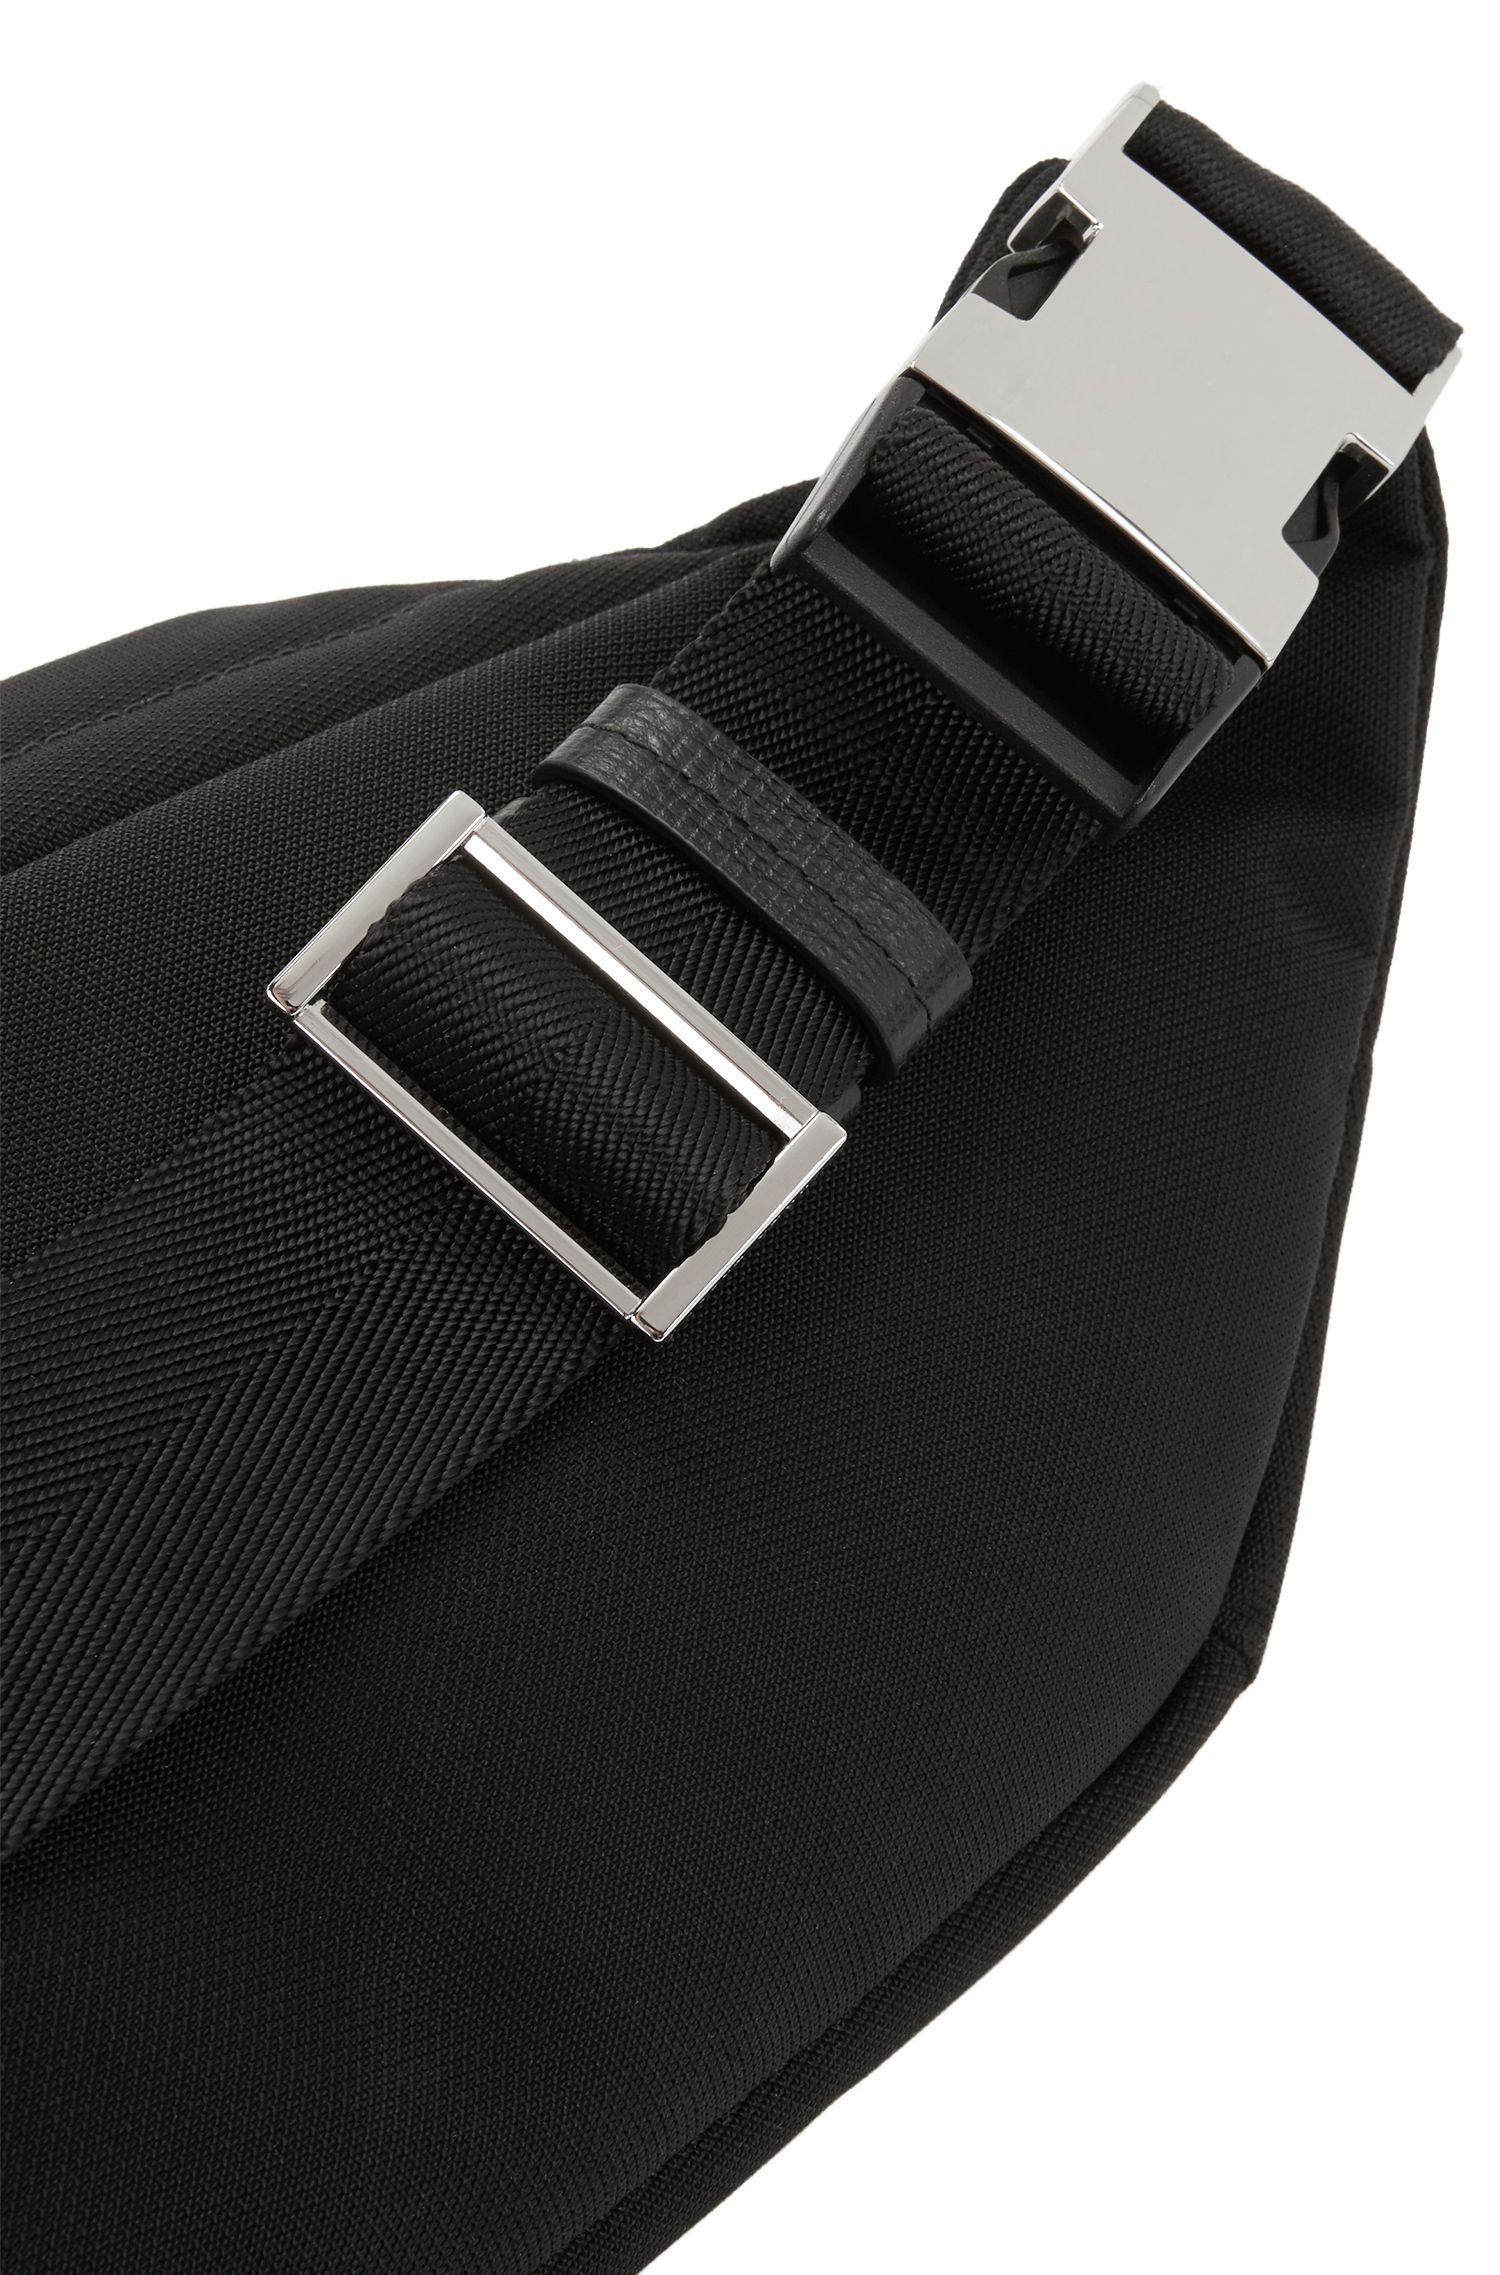 Sacceinture en tissu technique structuré, orné de finitions en cuir de veau italien, Noir